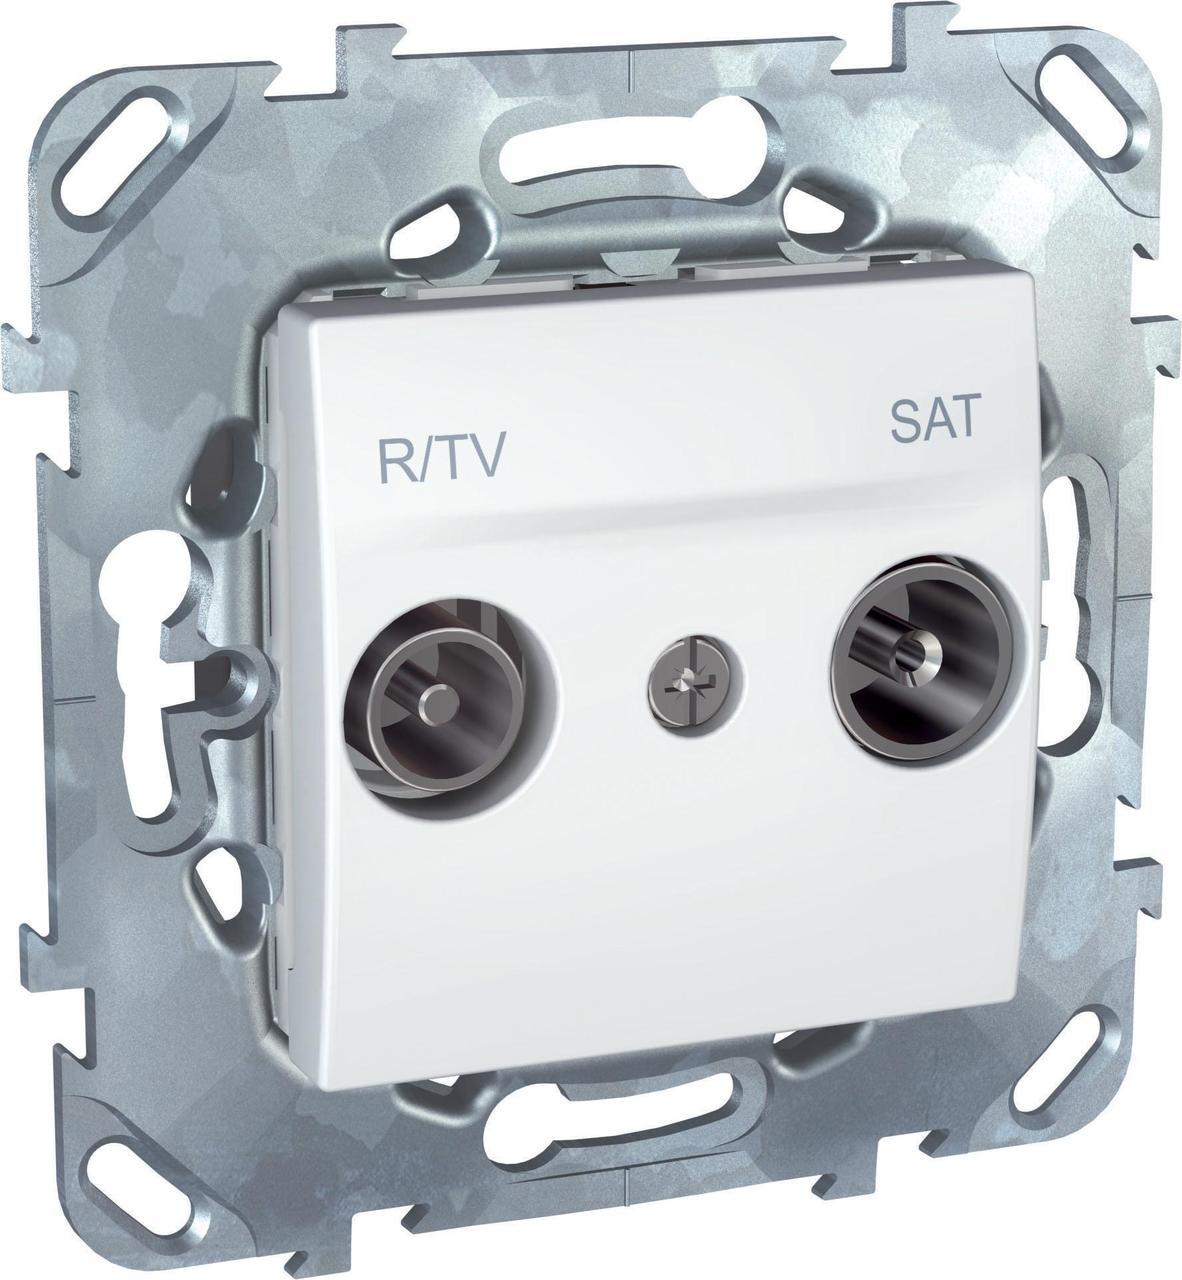 Розетка телевизионная оконечная ТV-FМ-SАТ , Белый, серия Unica, Schneider Electric